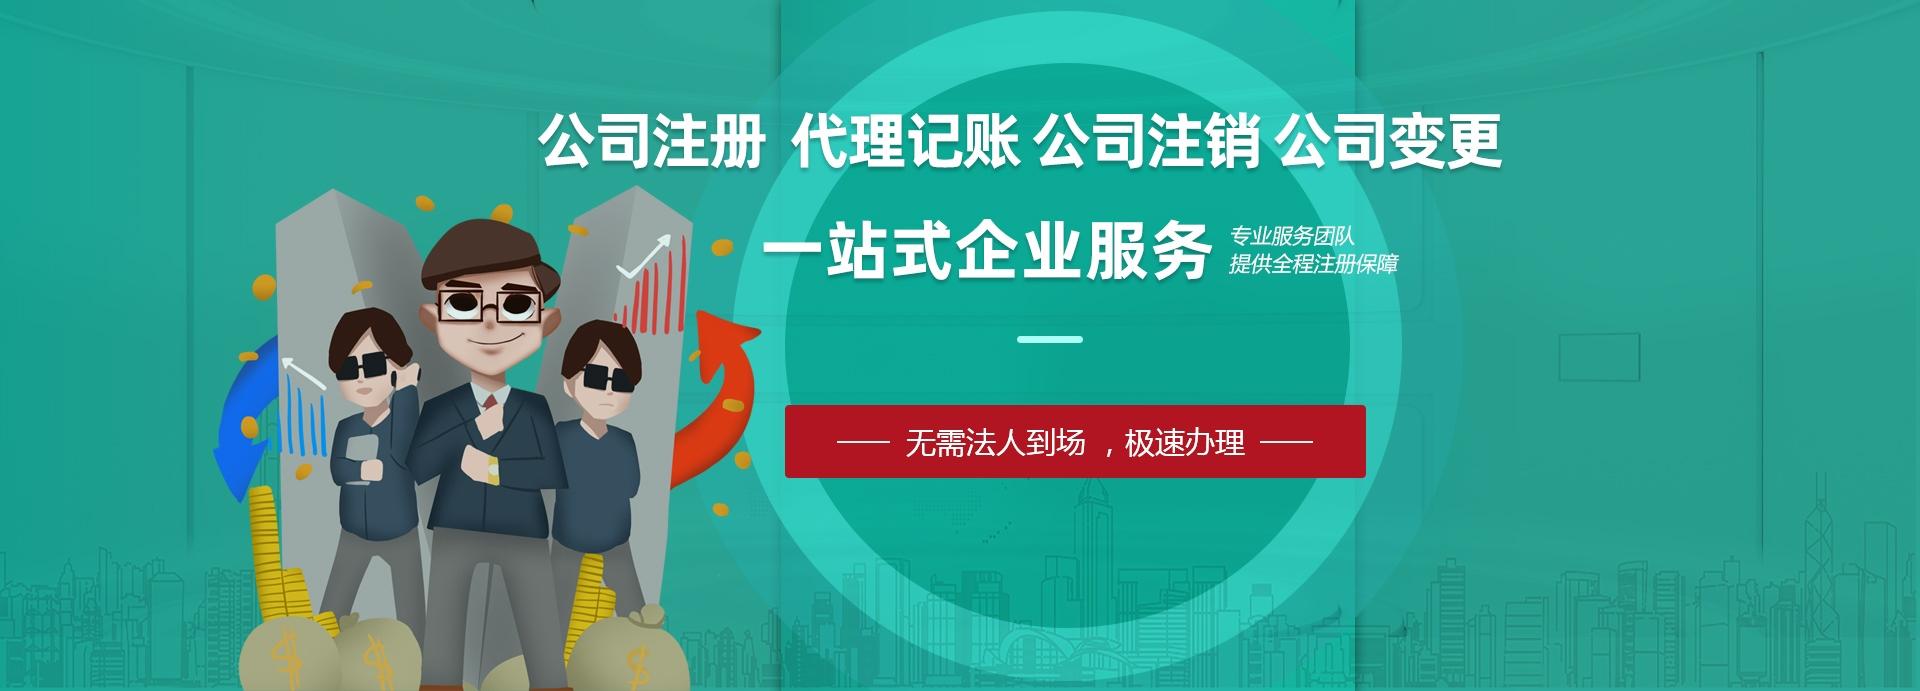 龙8国际老虎机财务代理